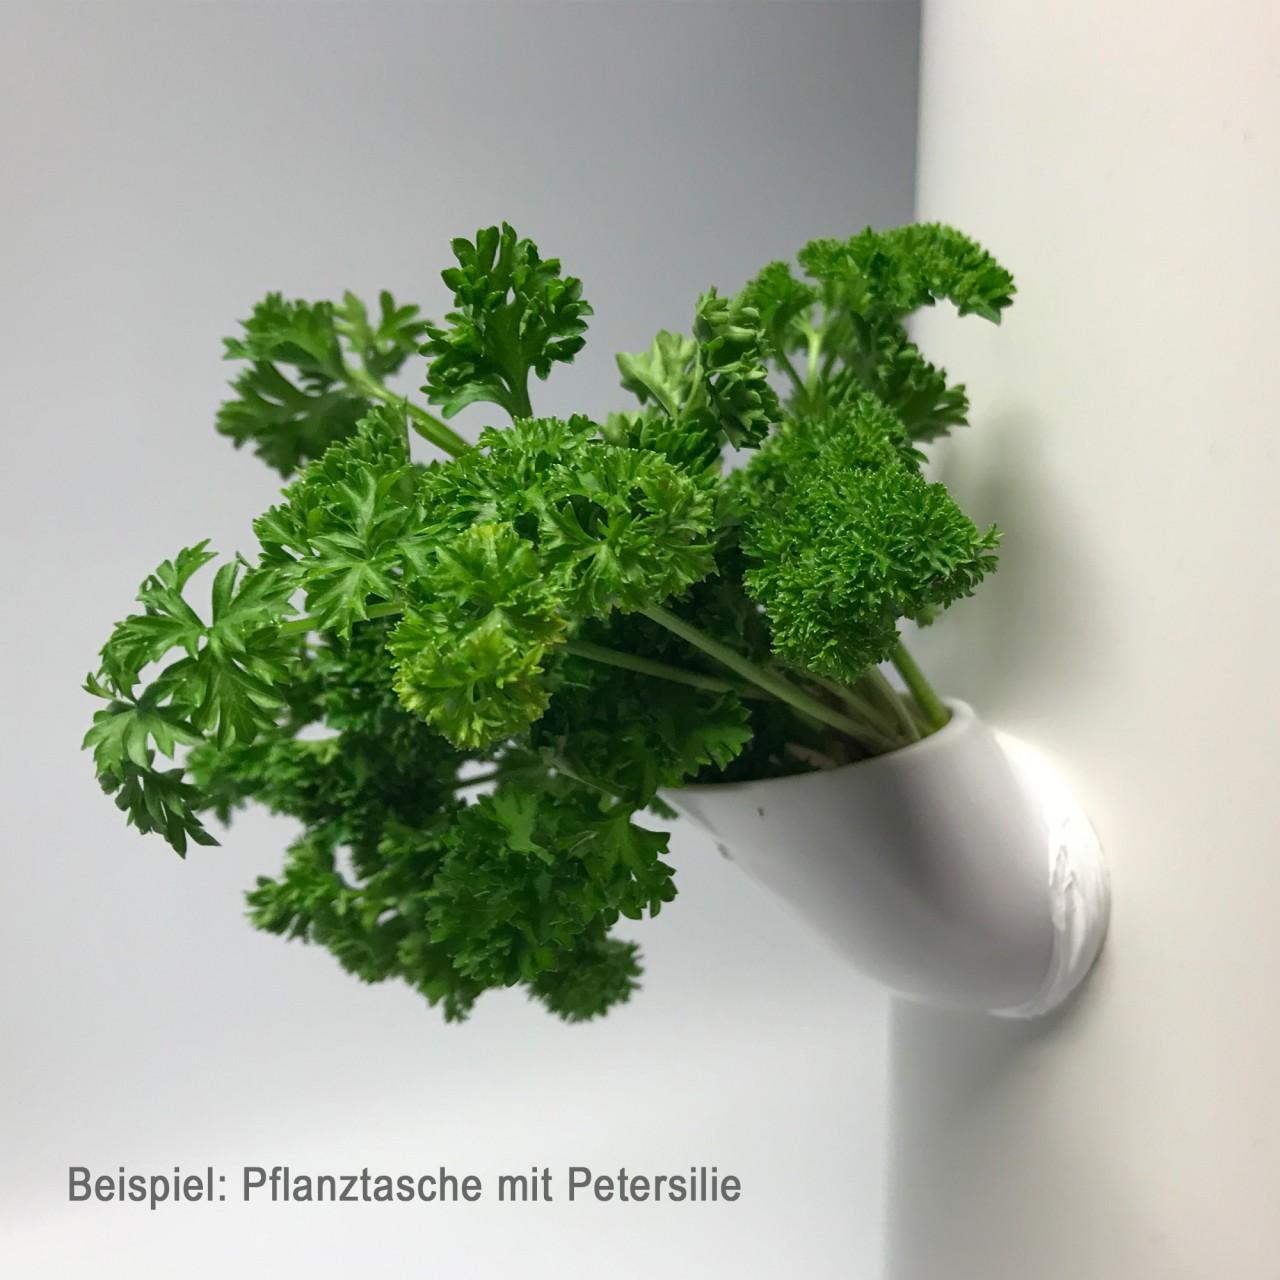 Beispiel DIY Pflanztasche mit Petersilie